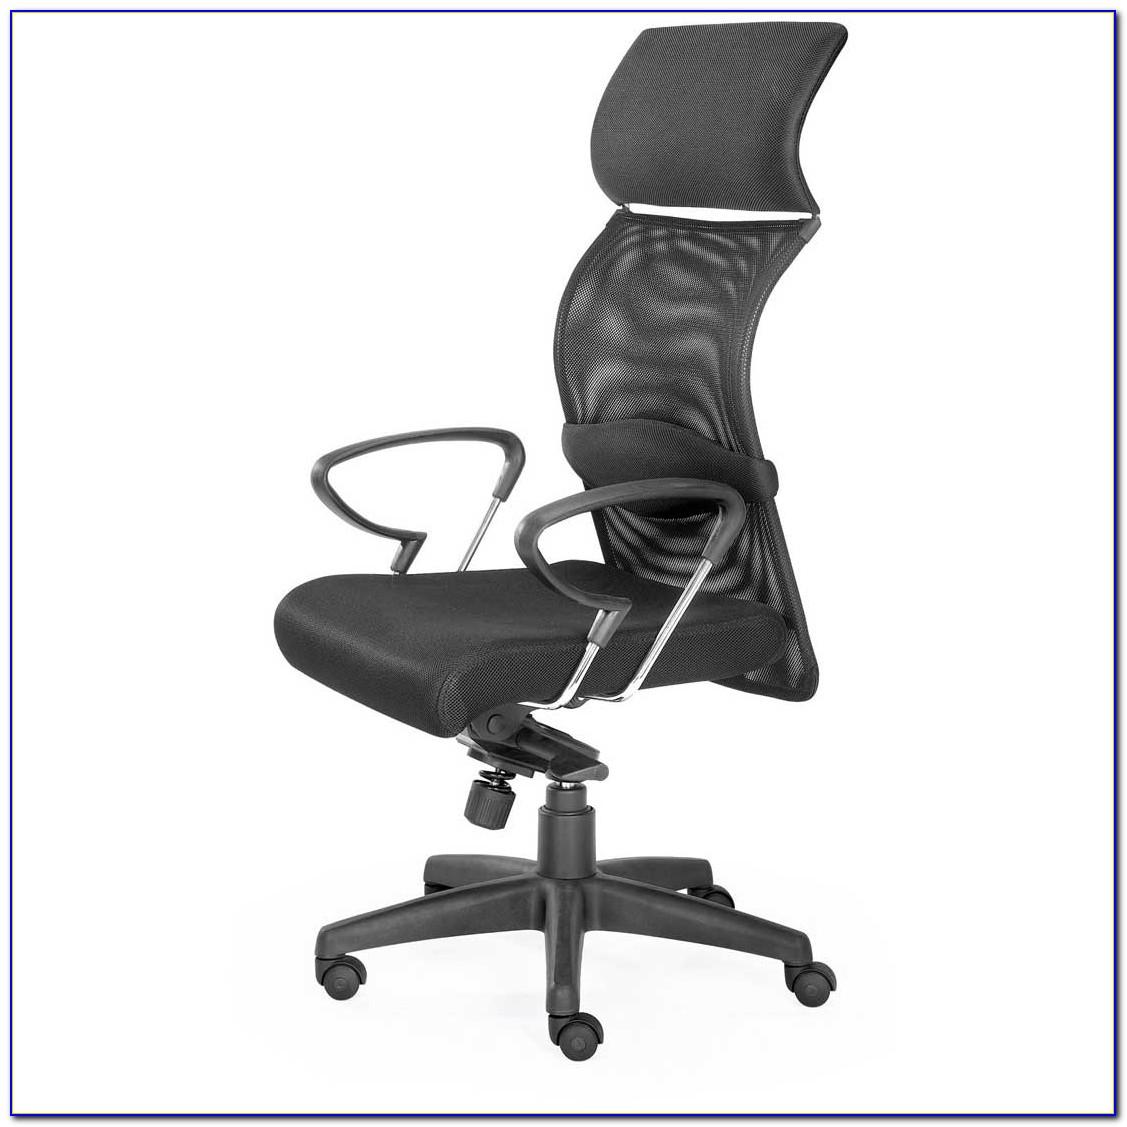 Ergonomic Desk Chair Staples